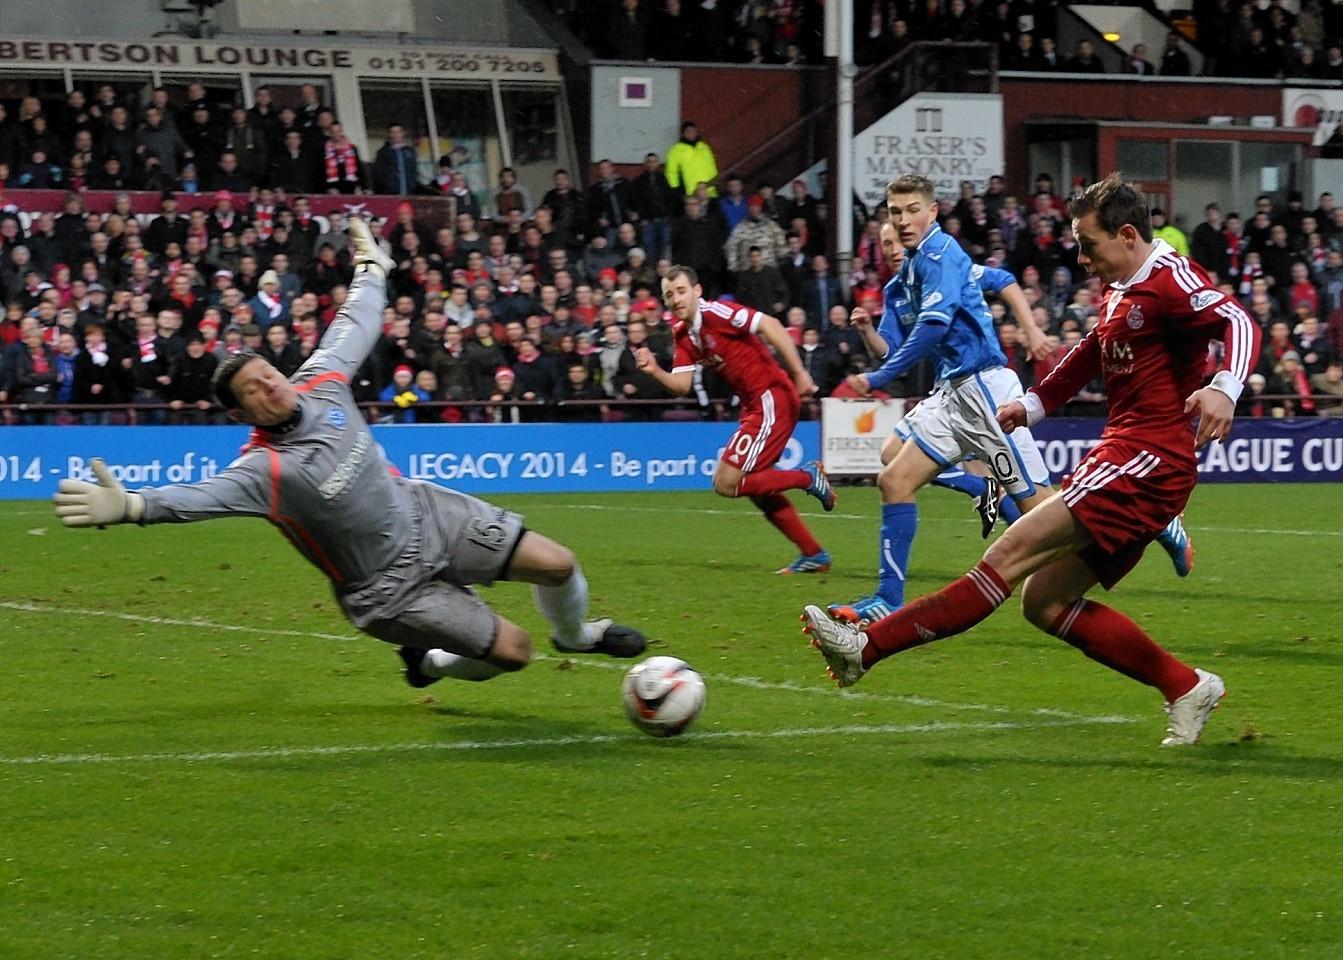 Pawlett scores in Aberdeen's semi final victory